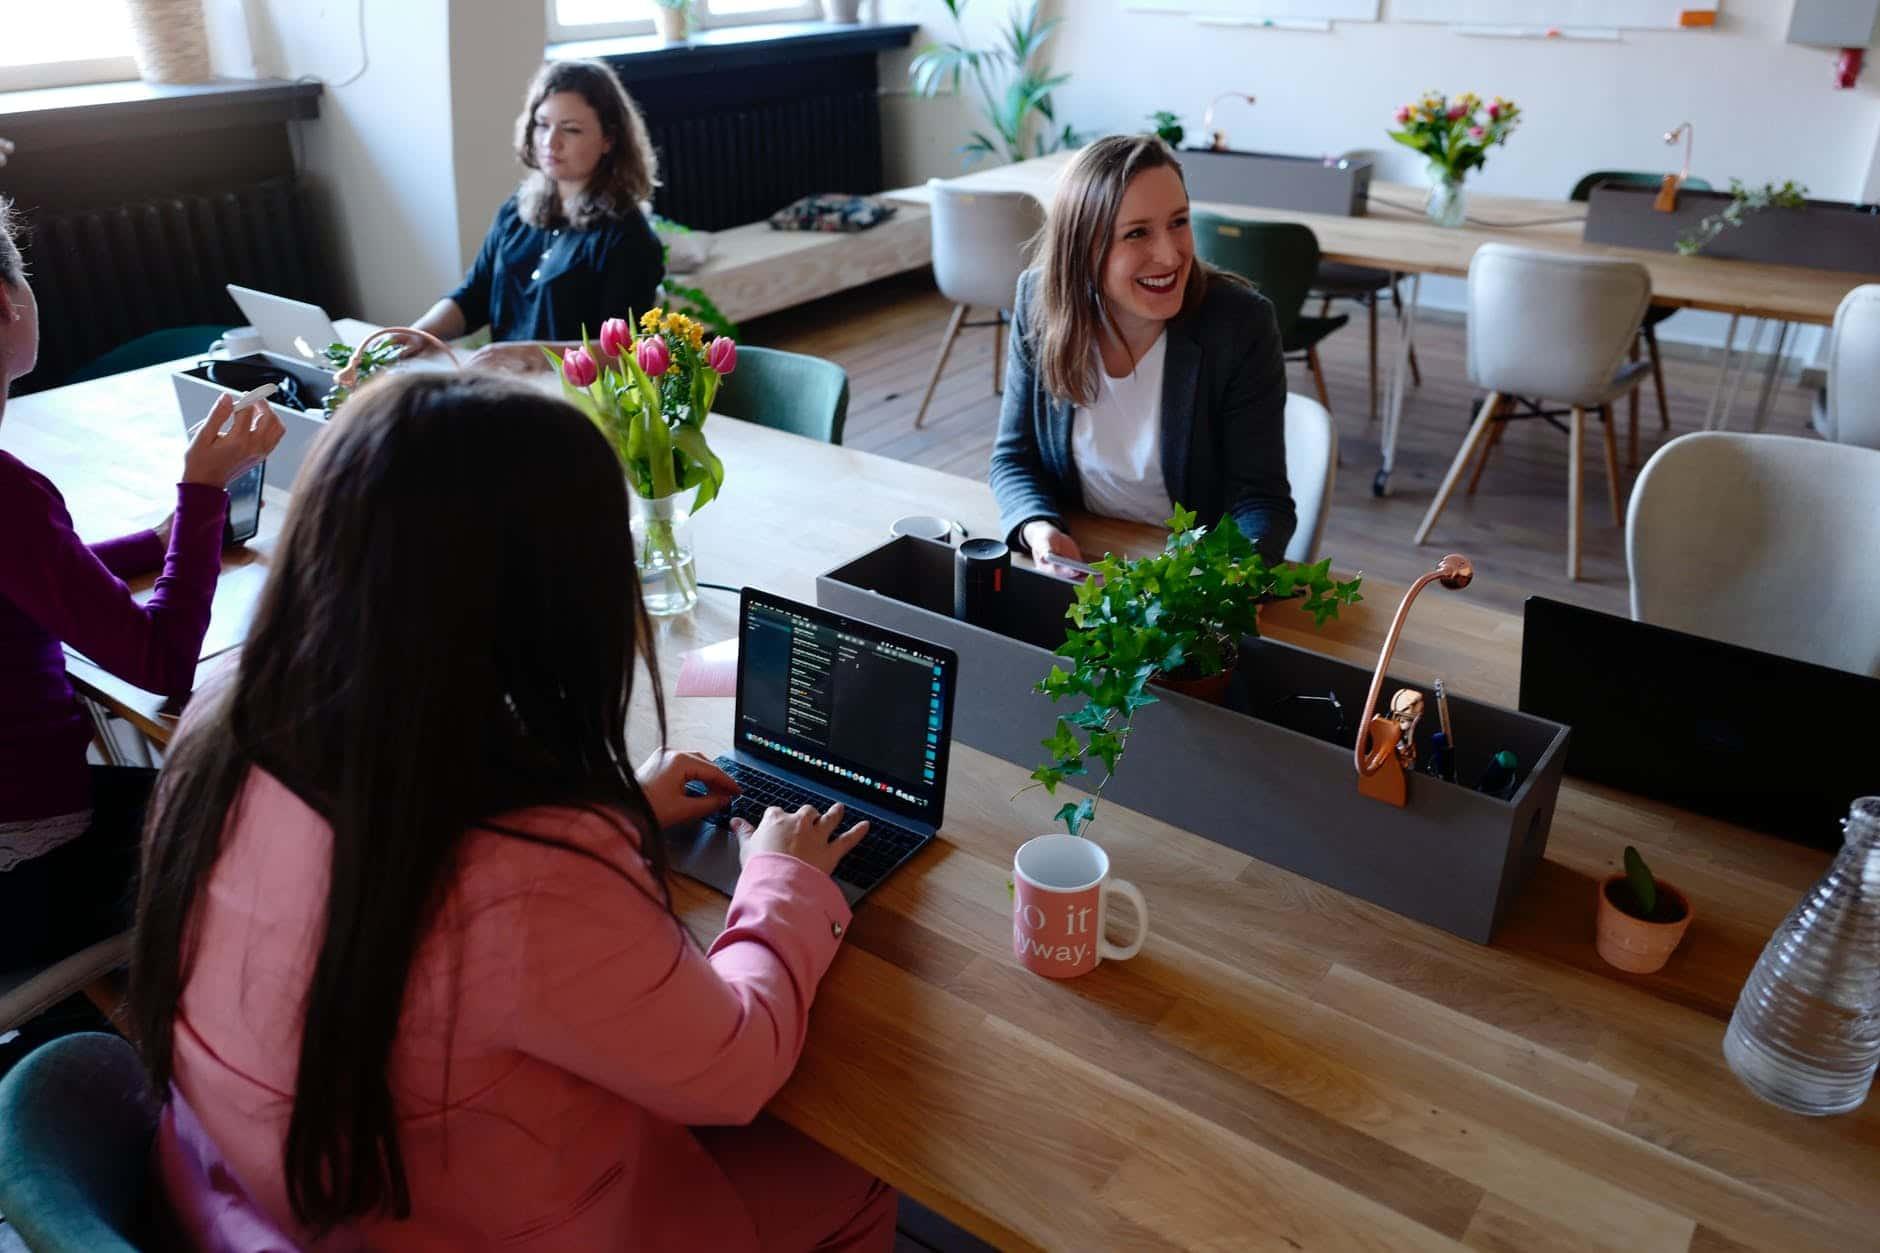 التصميم الداخلي في المكاتب